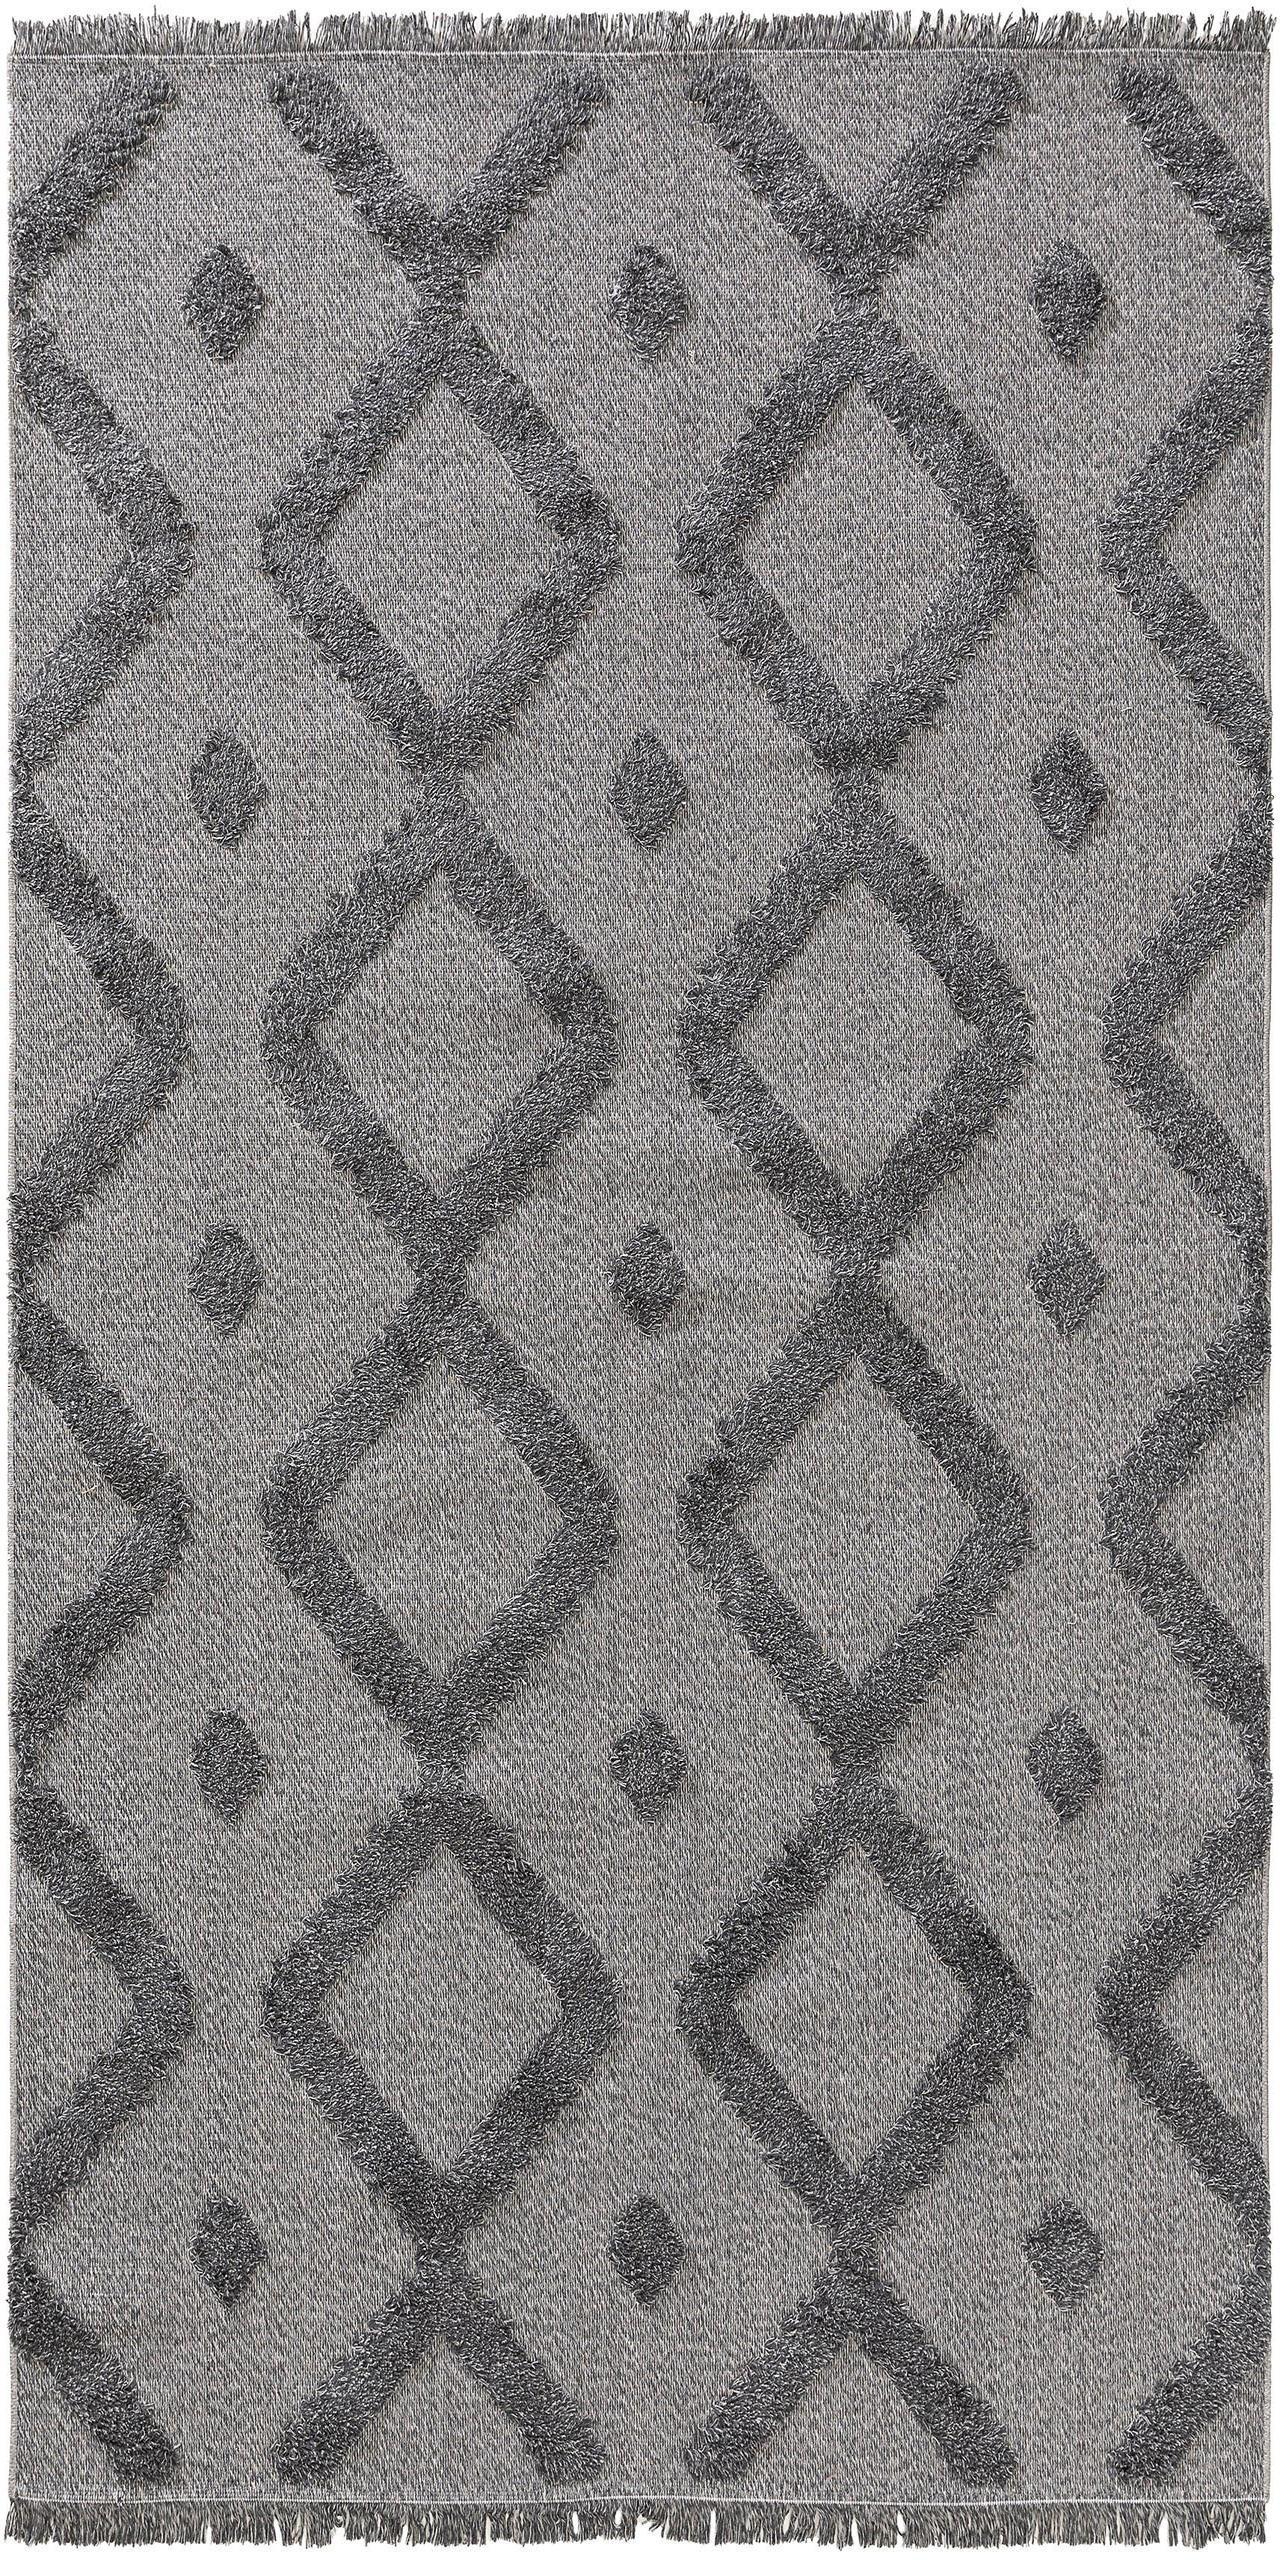 Dywan z bawełny Oslo, 100% bawełna, Szary, melanżowy, S 75 x D 150 cm